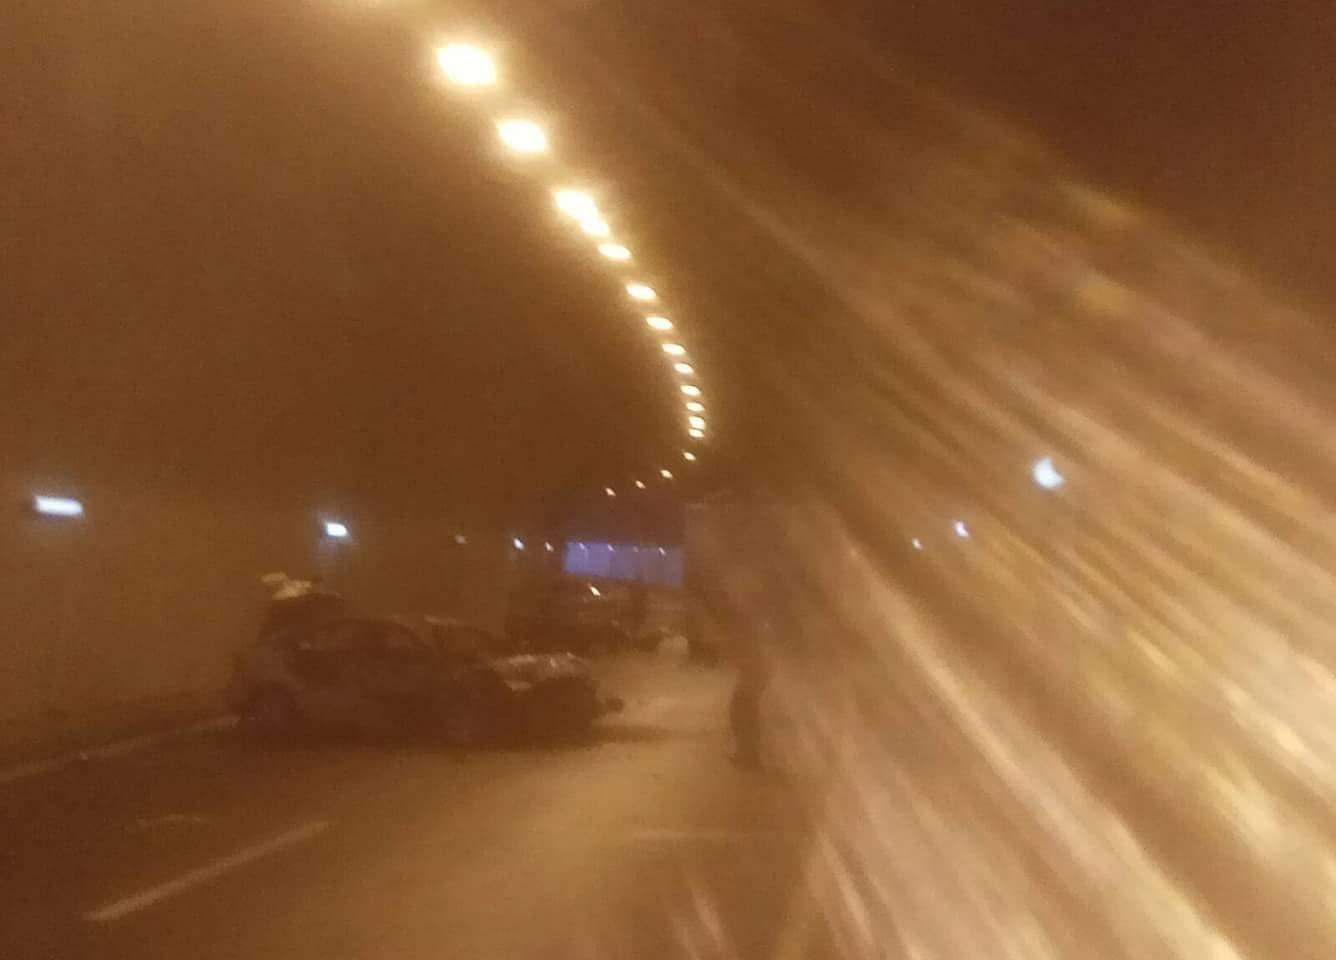 حادث طرق واشتعال سيارة على شارع النفق الناصرة- اكسال